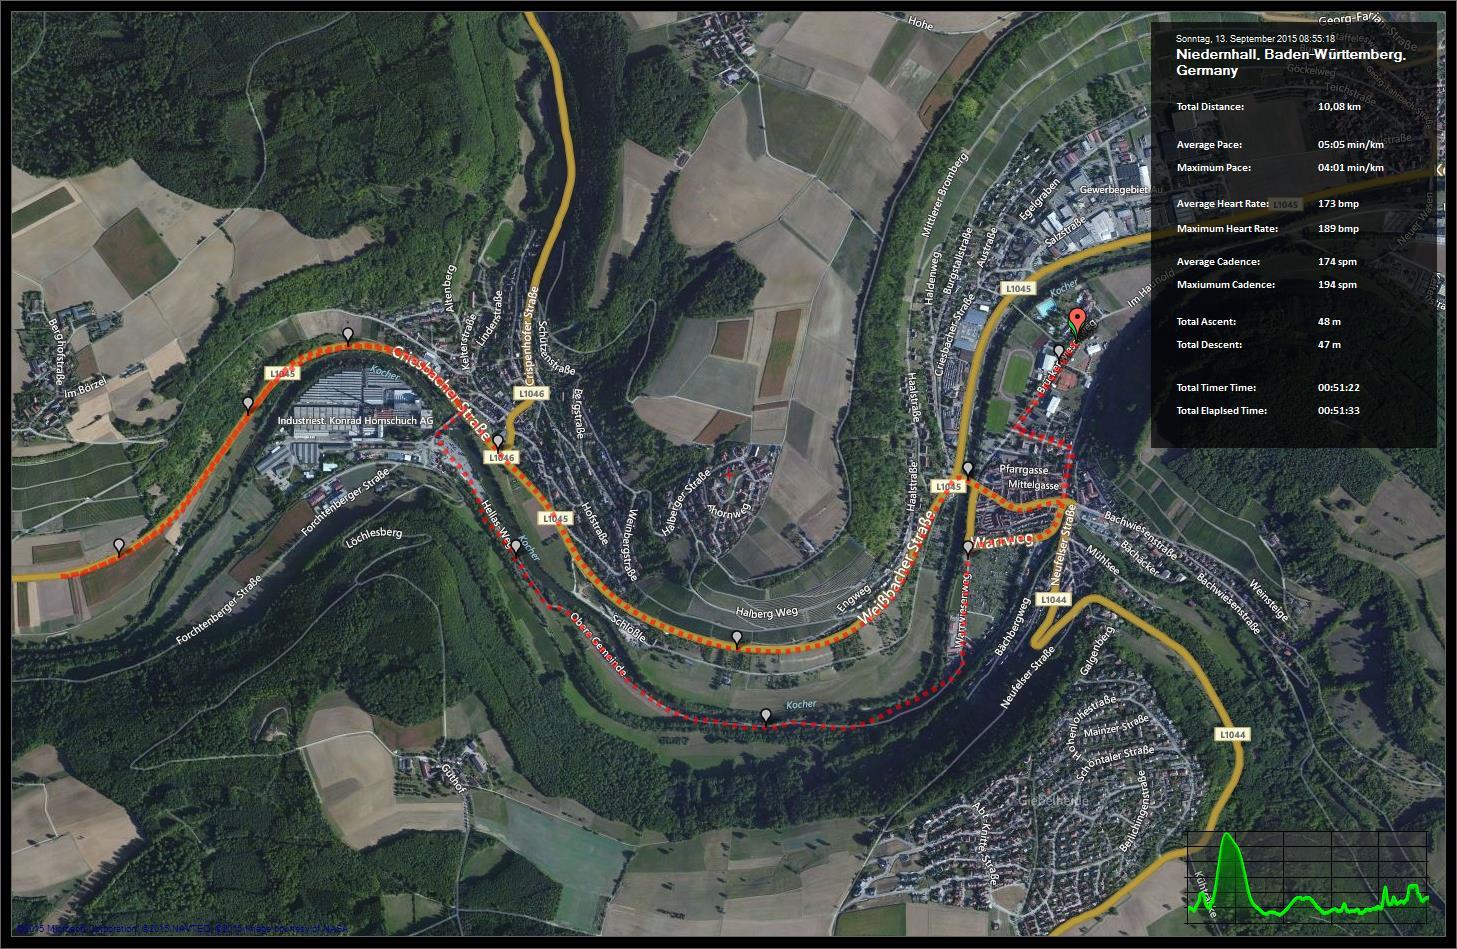 2015.09.13 08-55-18 Niedernhall, Baden-Württemberg, Germany (Running)